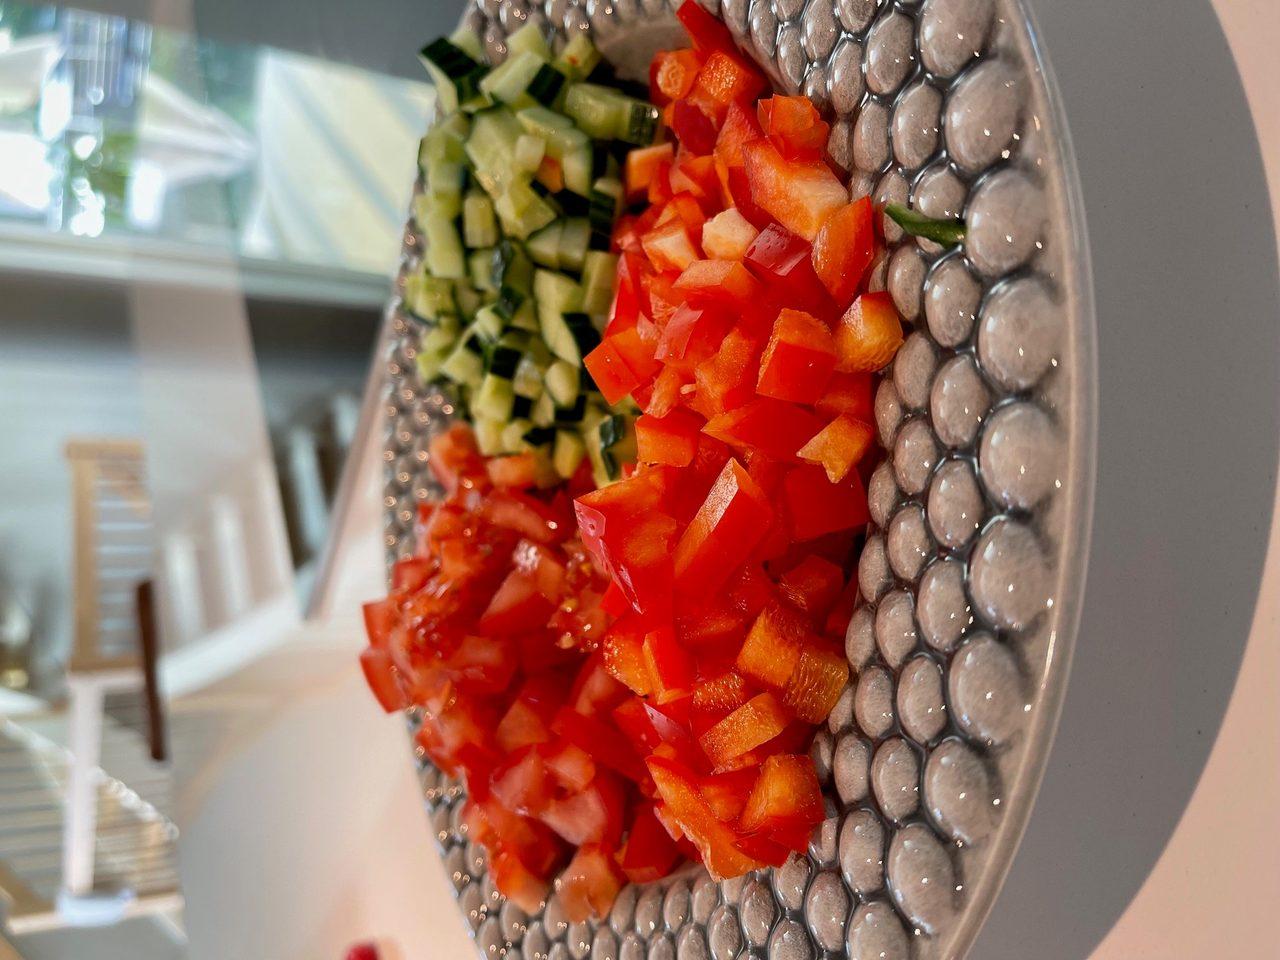 Natural foods, Food, Plant, Ingredient, Fruit, Recipe, Cuisine, Corn, Orange, Dish